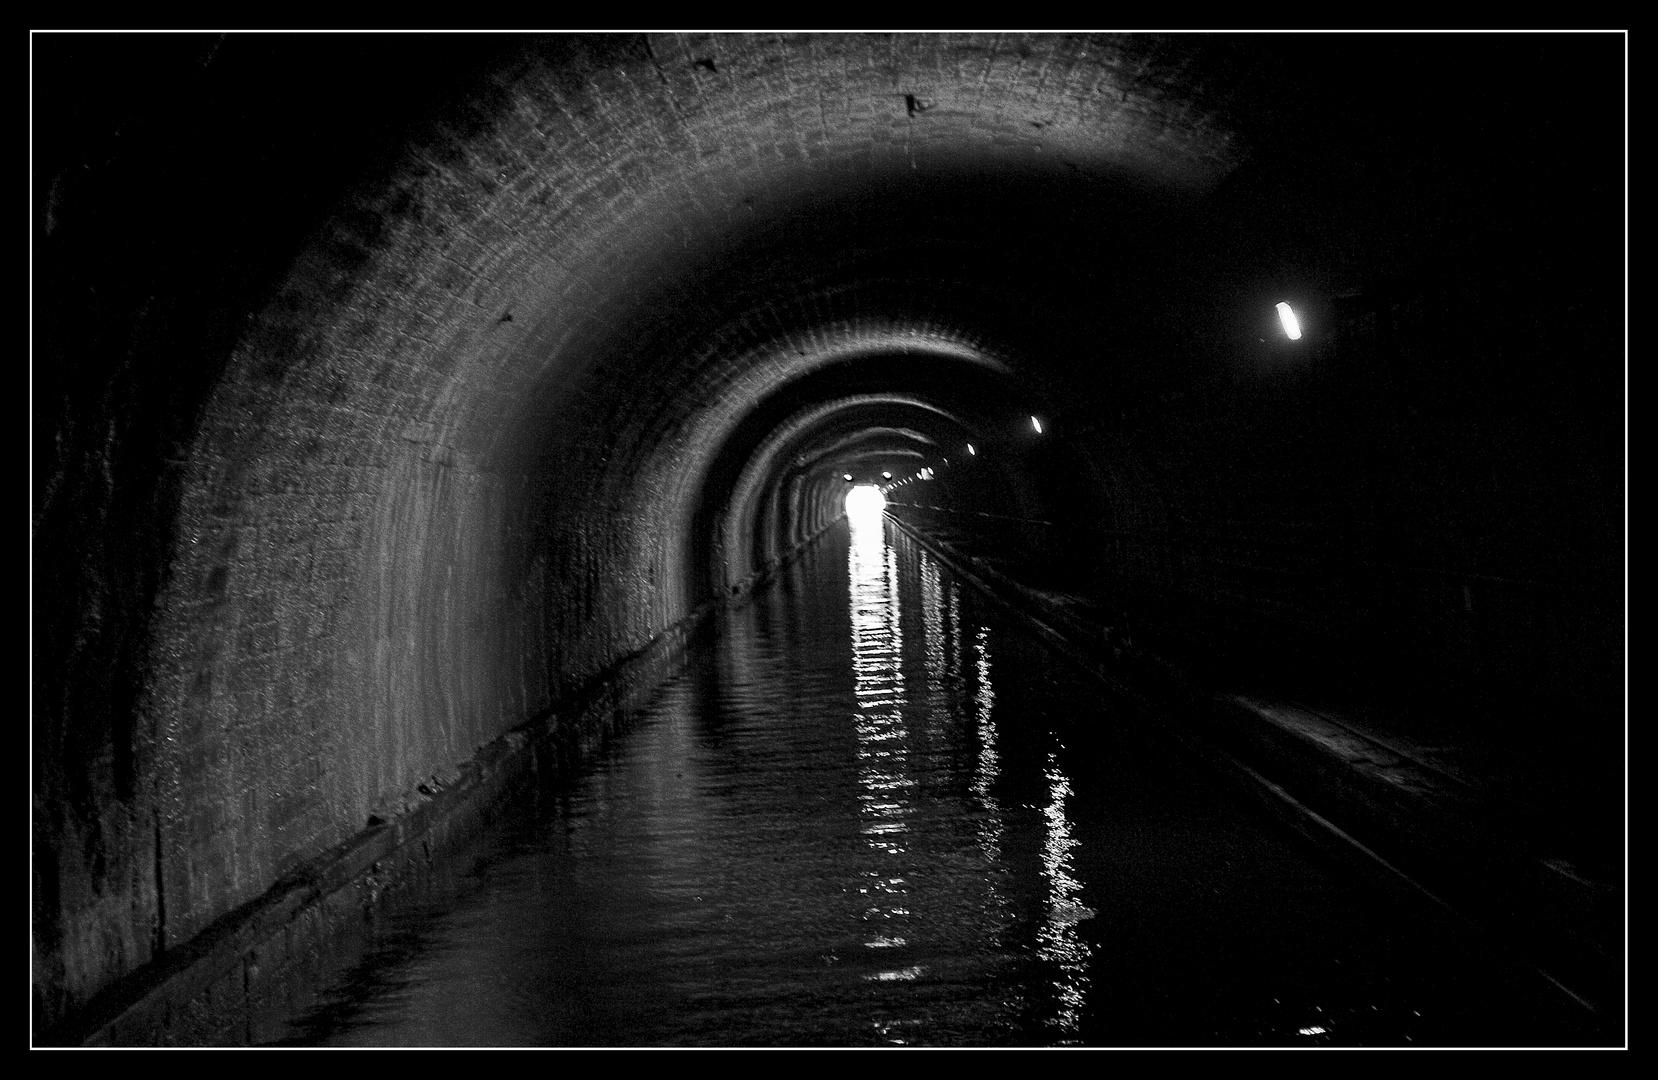 Flussfahrt im Tunnel